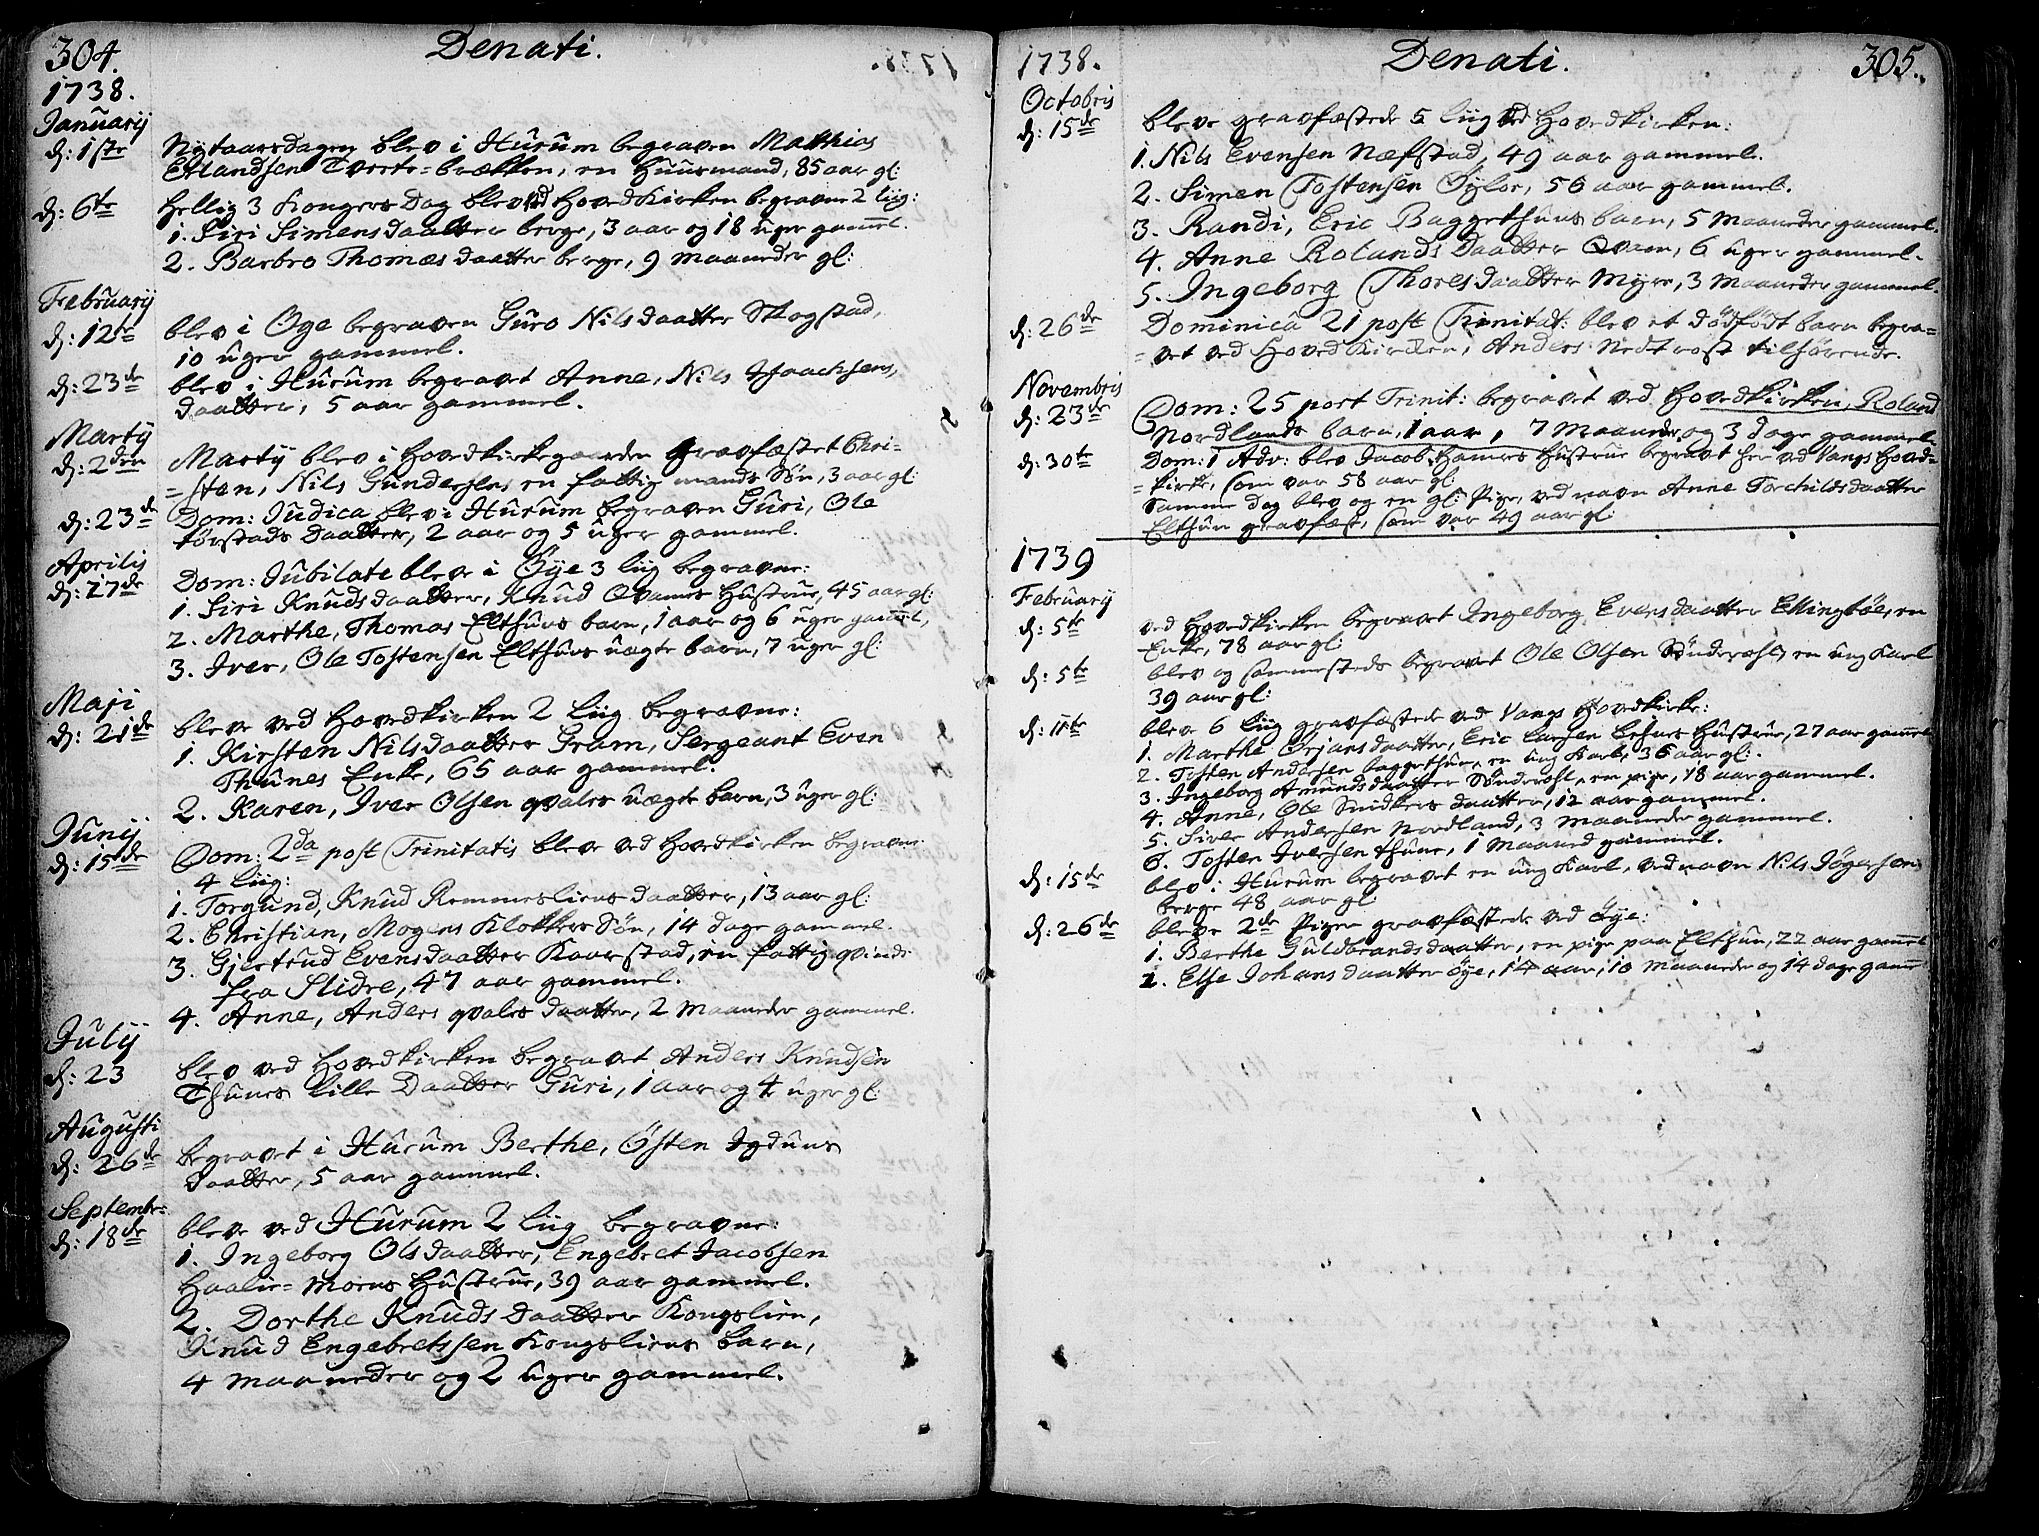 SAH, Vang prestekontor, Valdres, Ministerialbok nr. 1, 1730-1796, s. 304-305